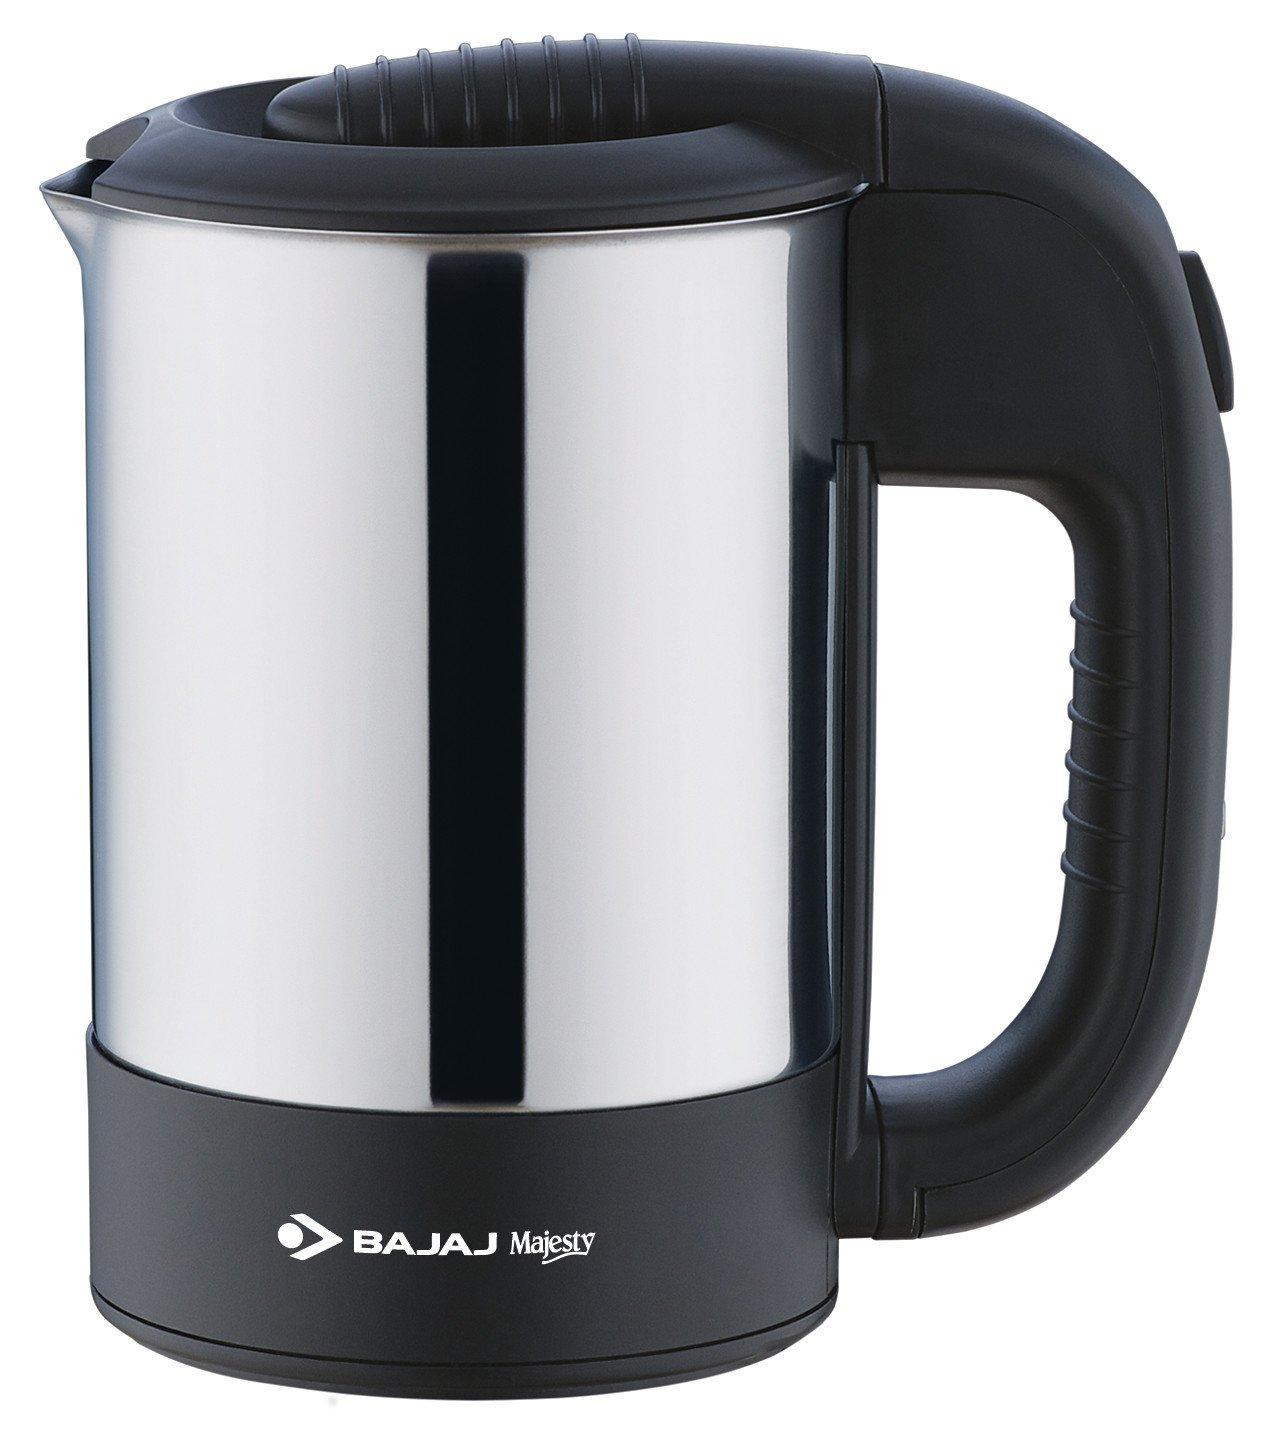 Bajaj Majesty KTX 2 0.5-Litre Travel Kettle